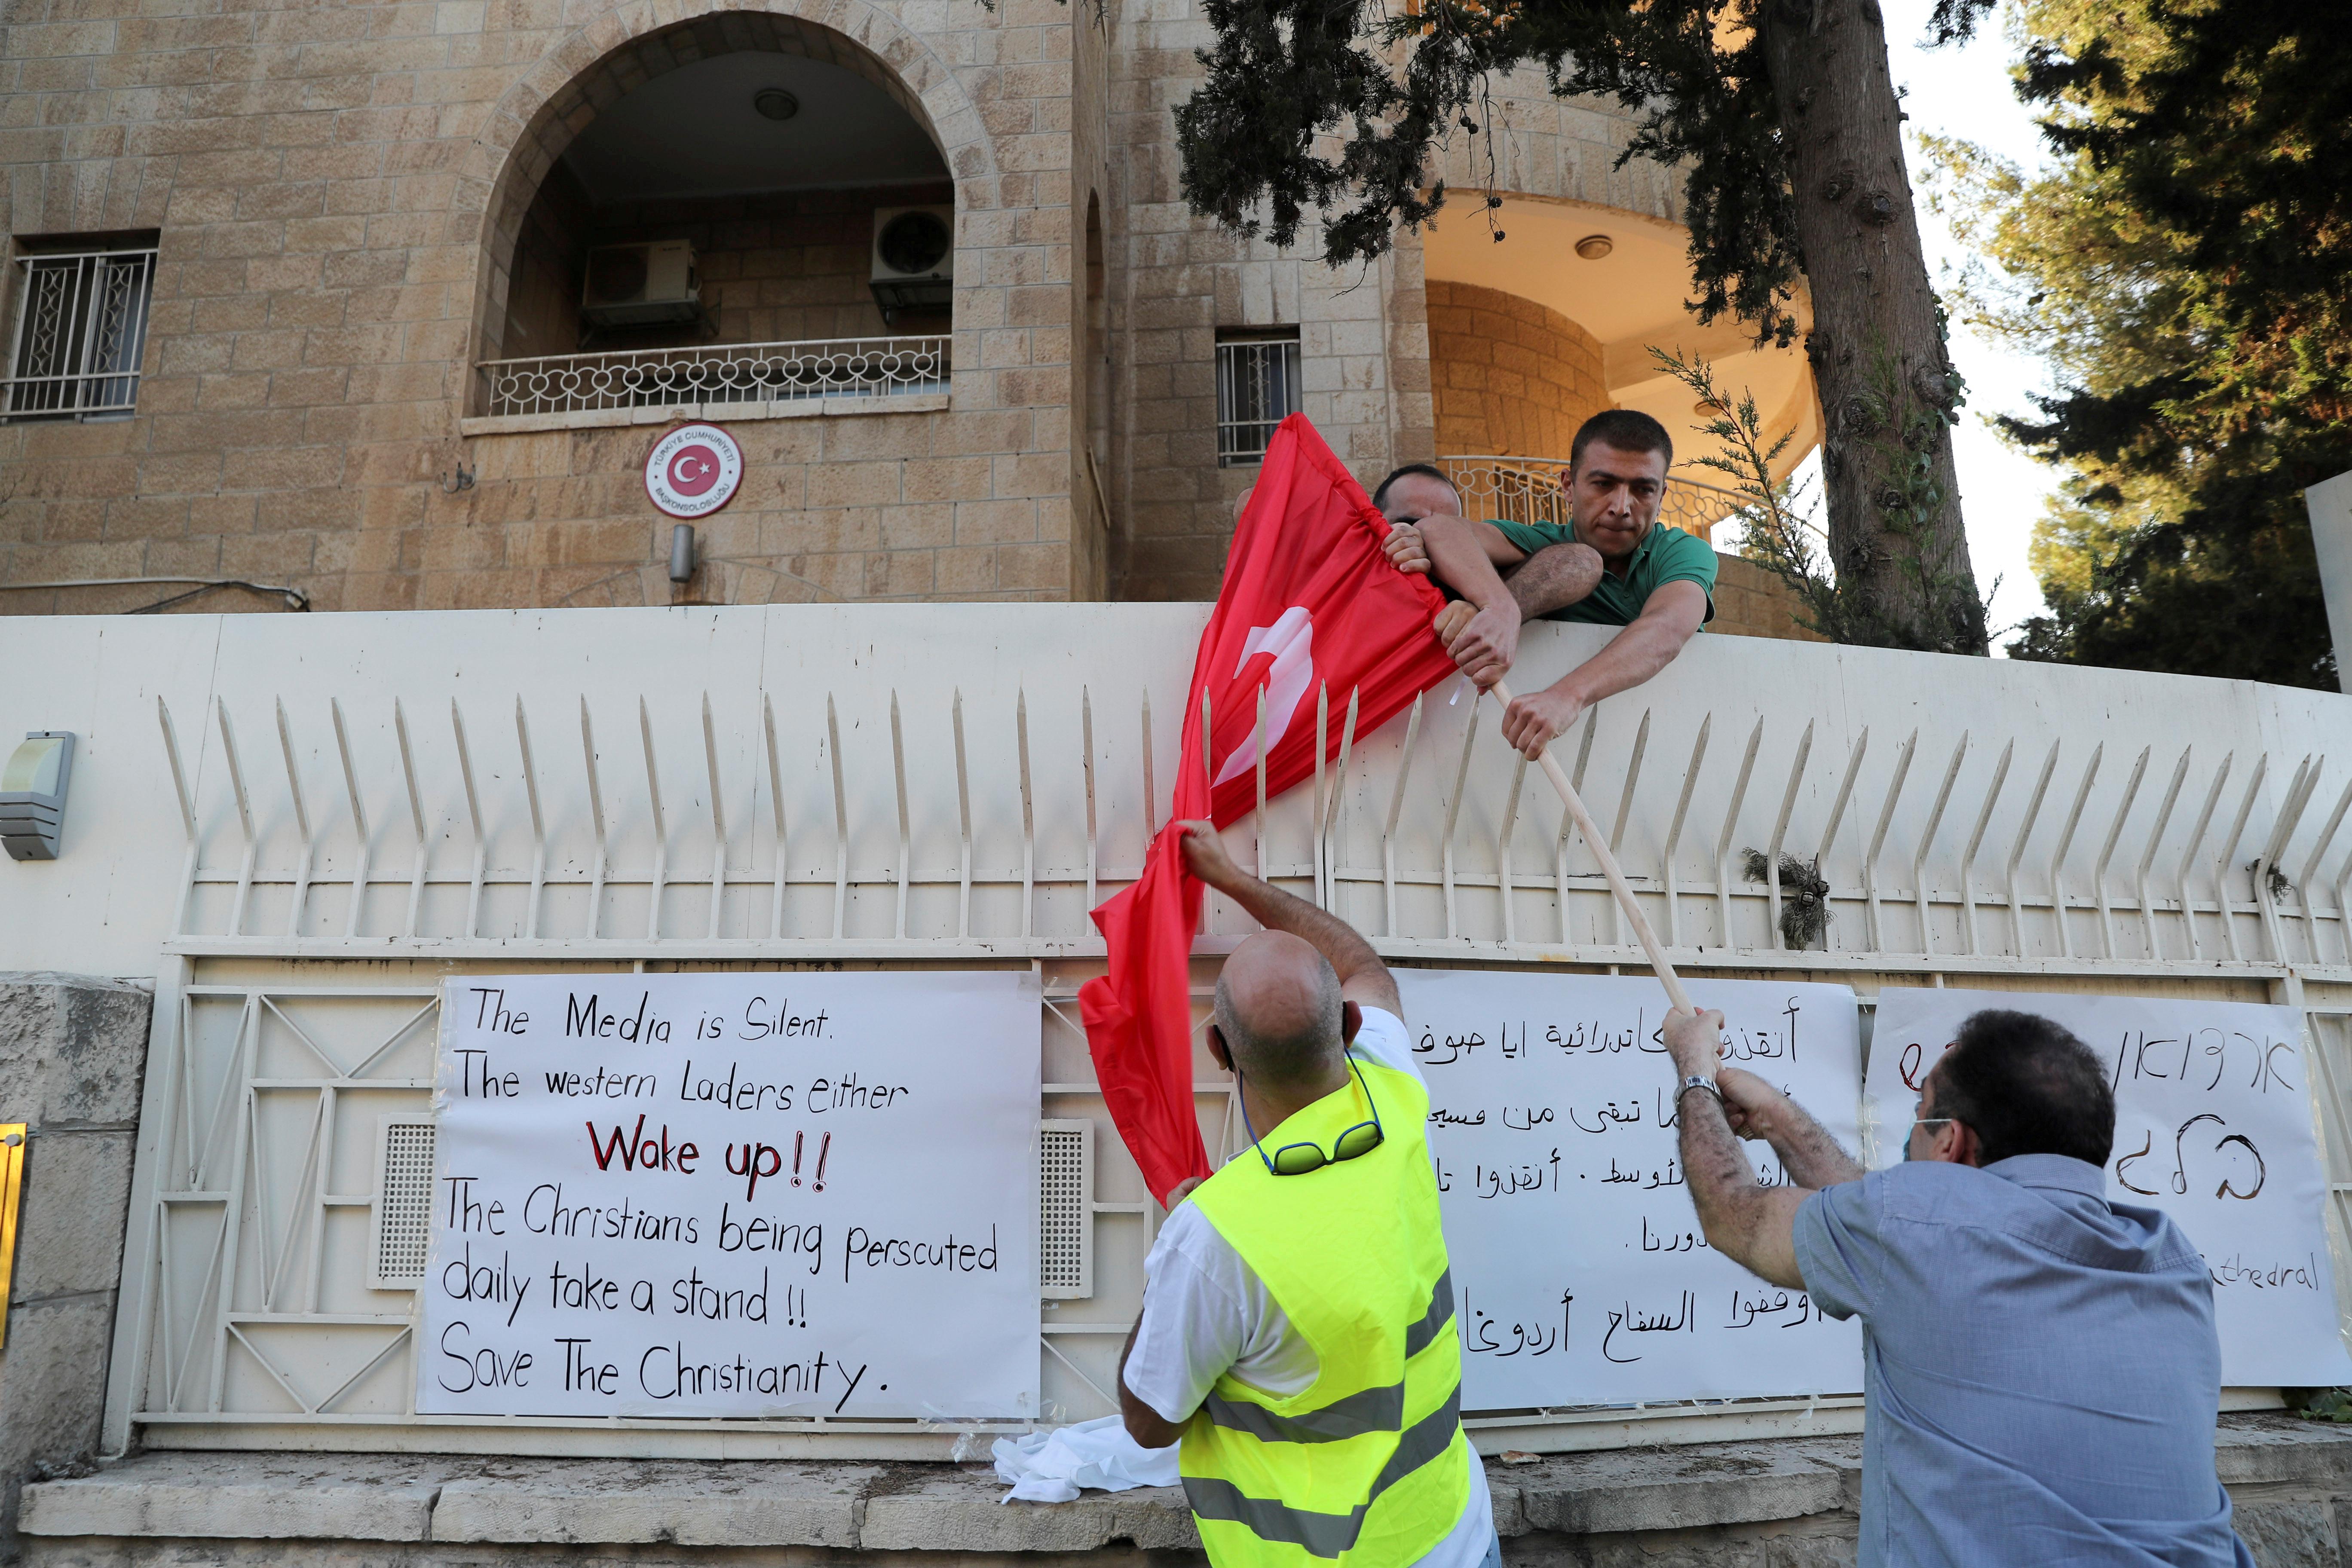 İsrailli gruptan, Türk bayrağına alçak saldırı #1